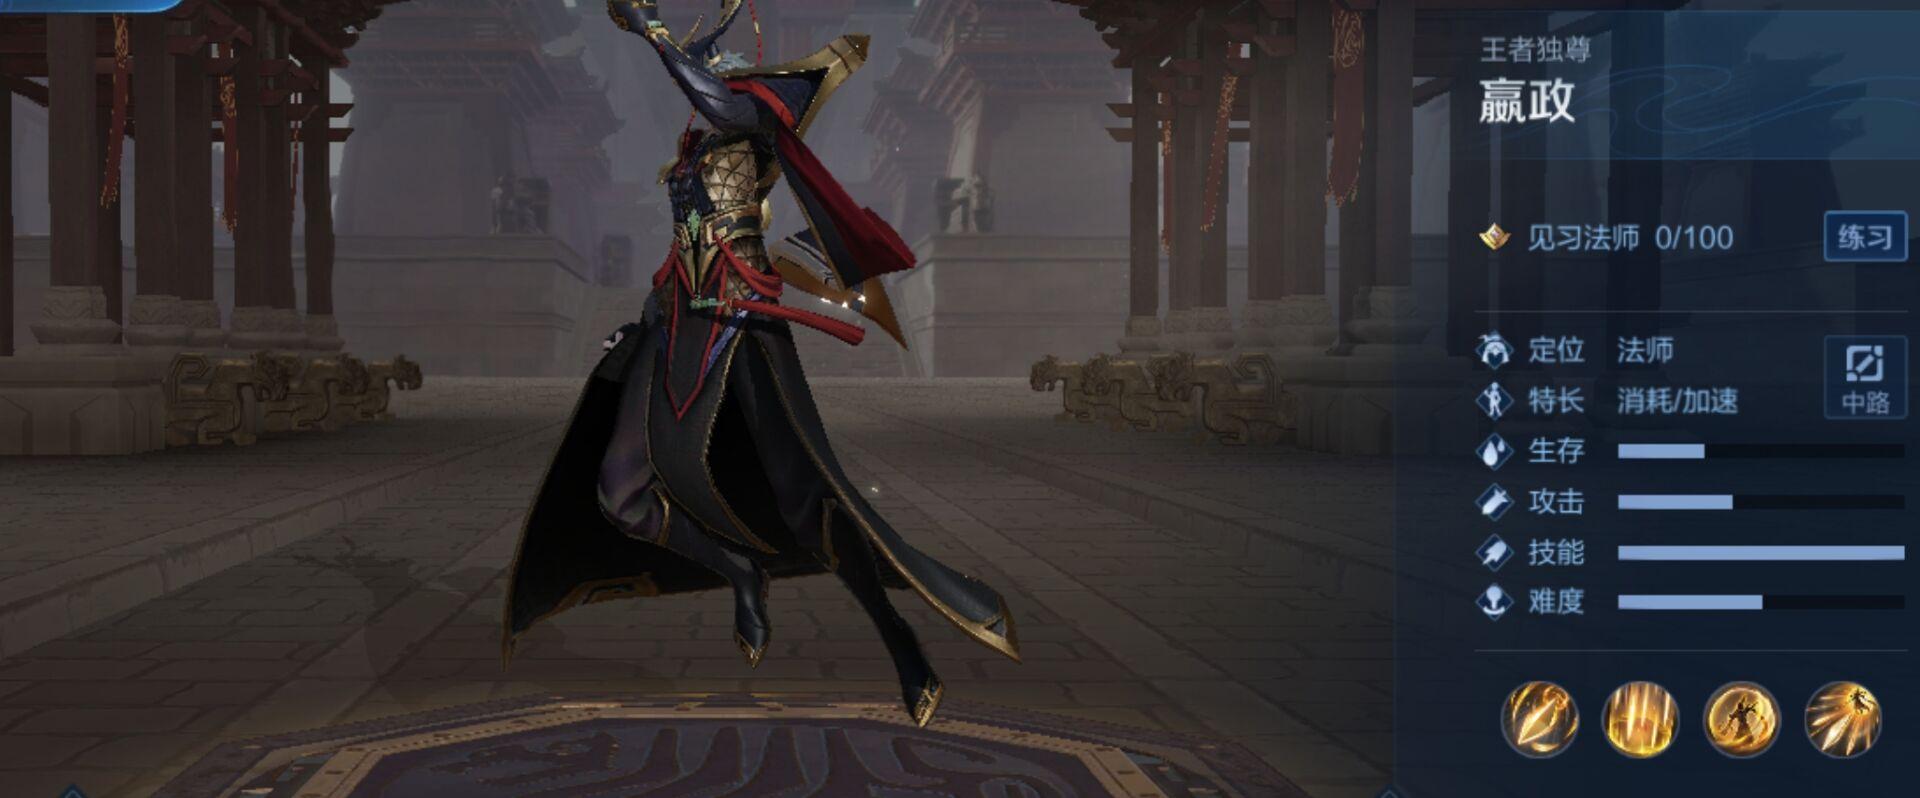 《【煜星官方登陆】王者荣耀:毋庸置疑的王,他的武器是剑,他的技能是万剑!》